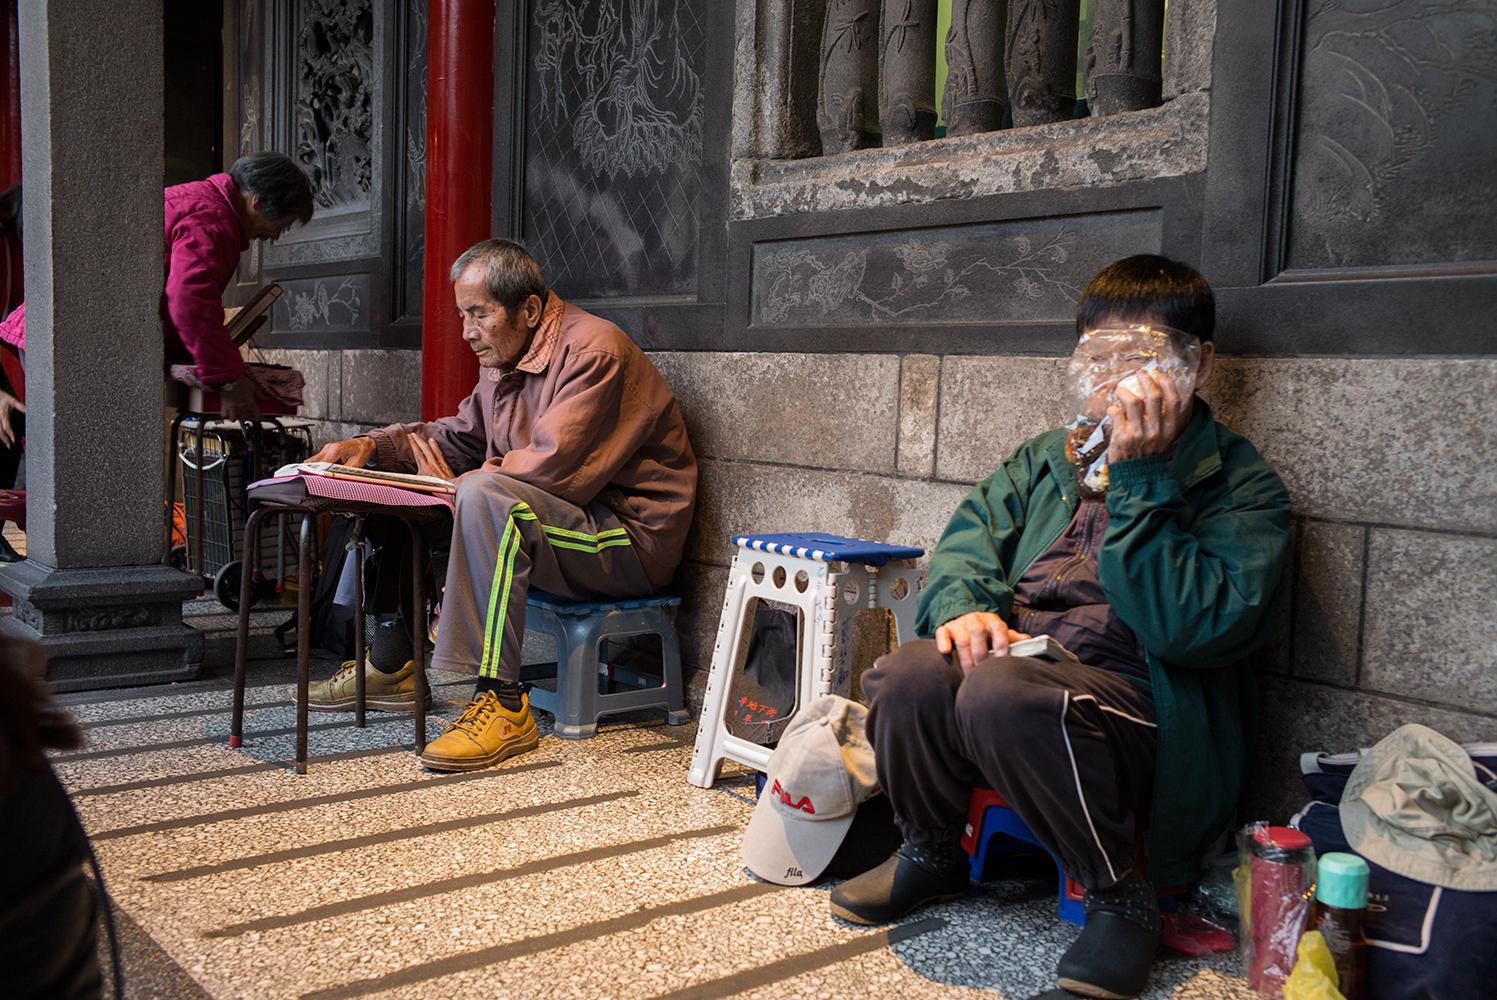 Faith_Taiwan_LongSan-temple_POOK2447_s